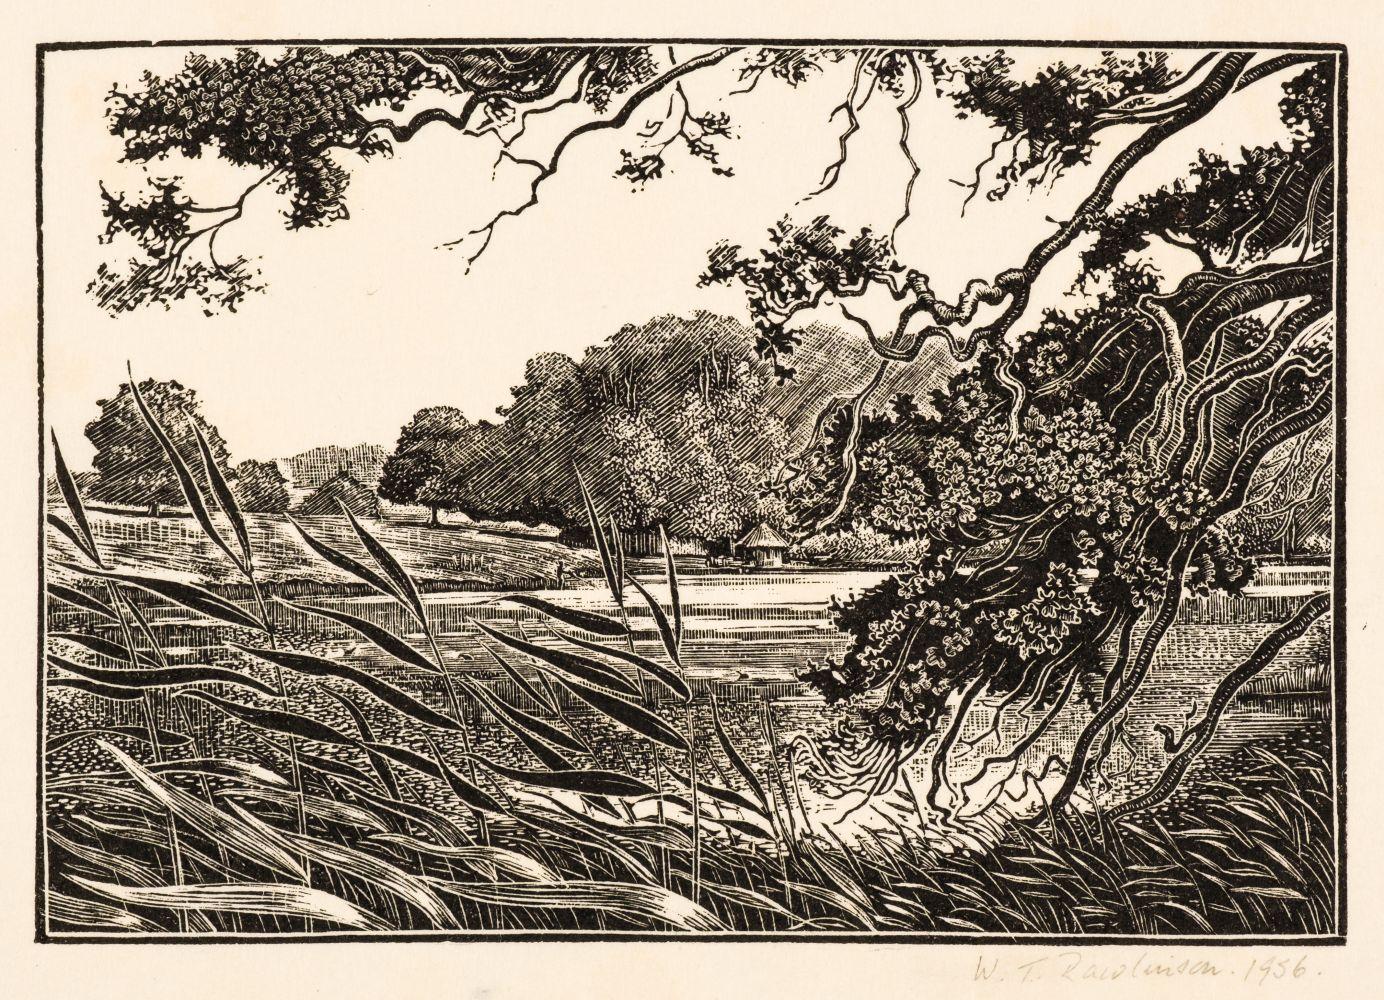 * Rawlinson (William Thomas, 1912-1993). The Lake, Ragley, near Alcester, 1956